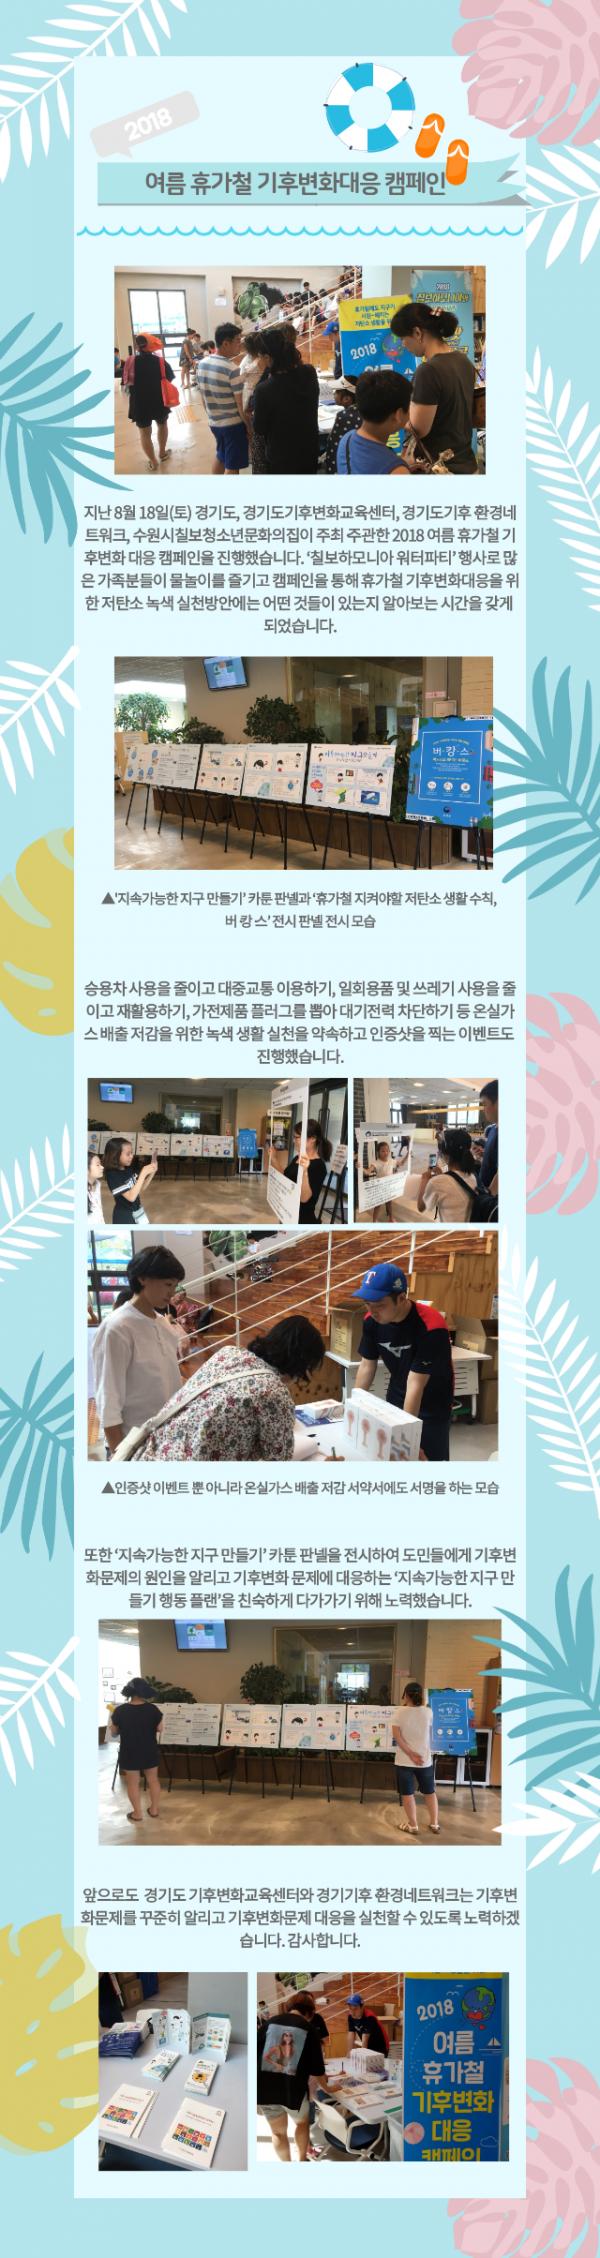 여름철 기후변화대응 캠페인 현장 스케치.png